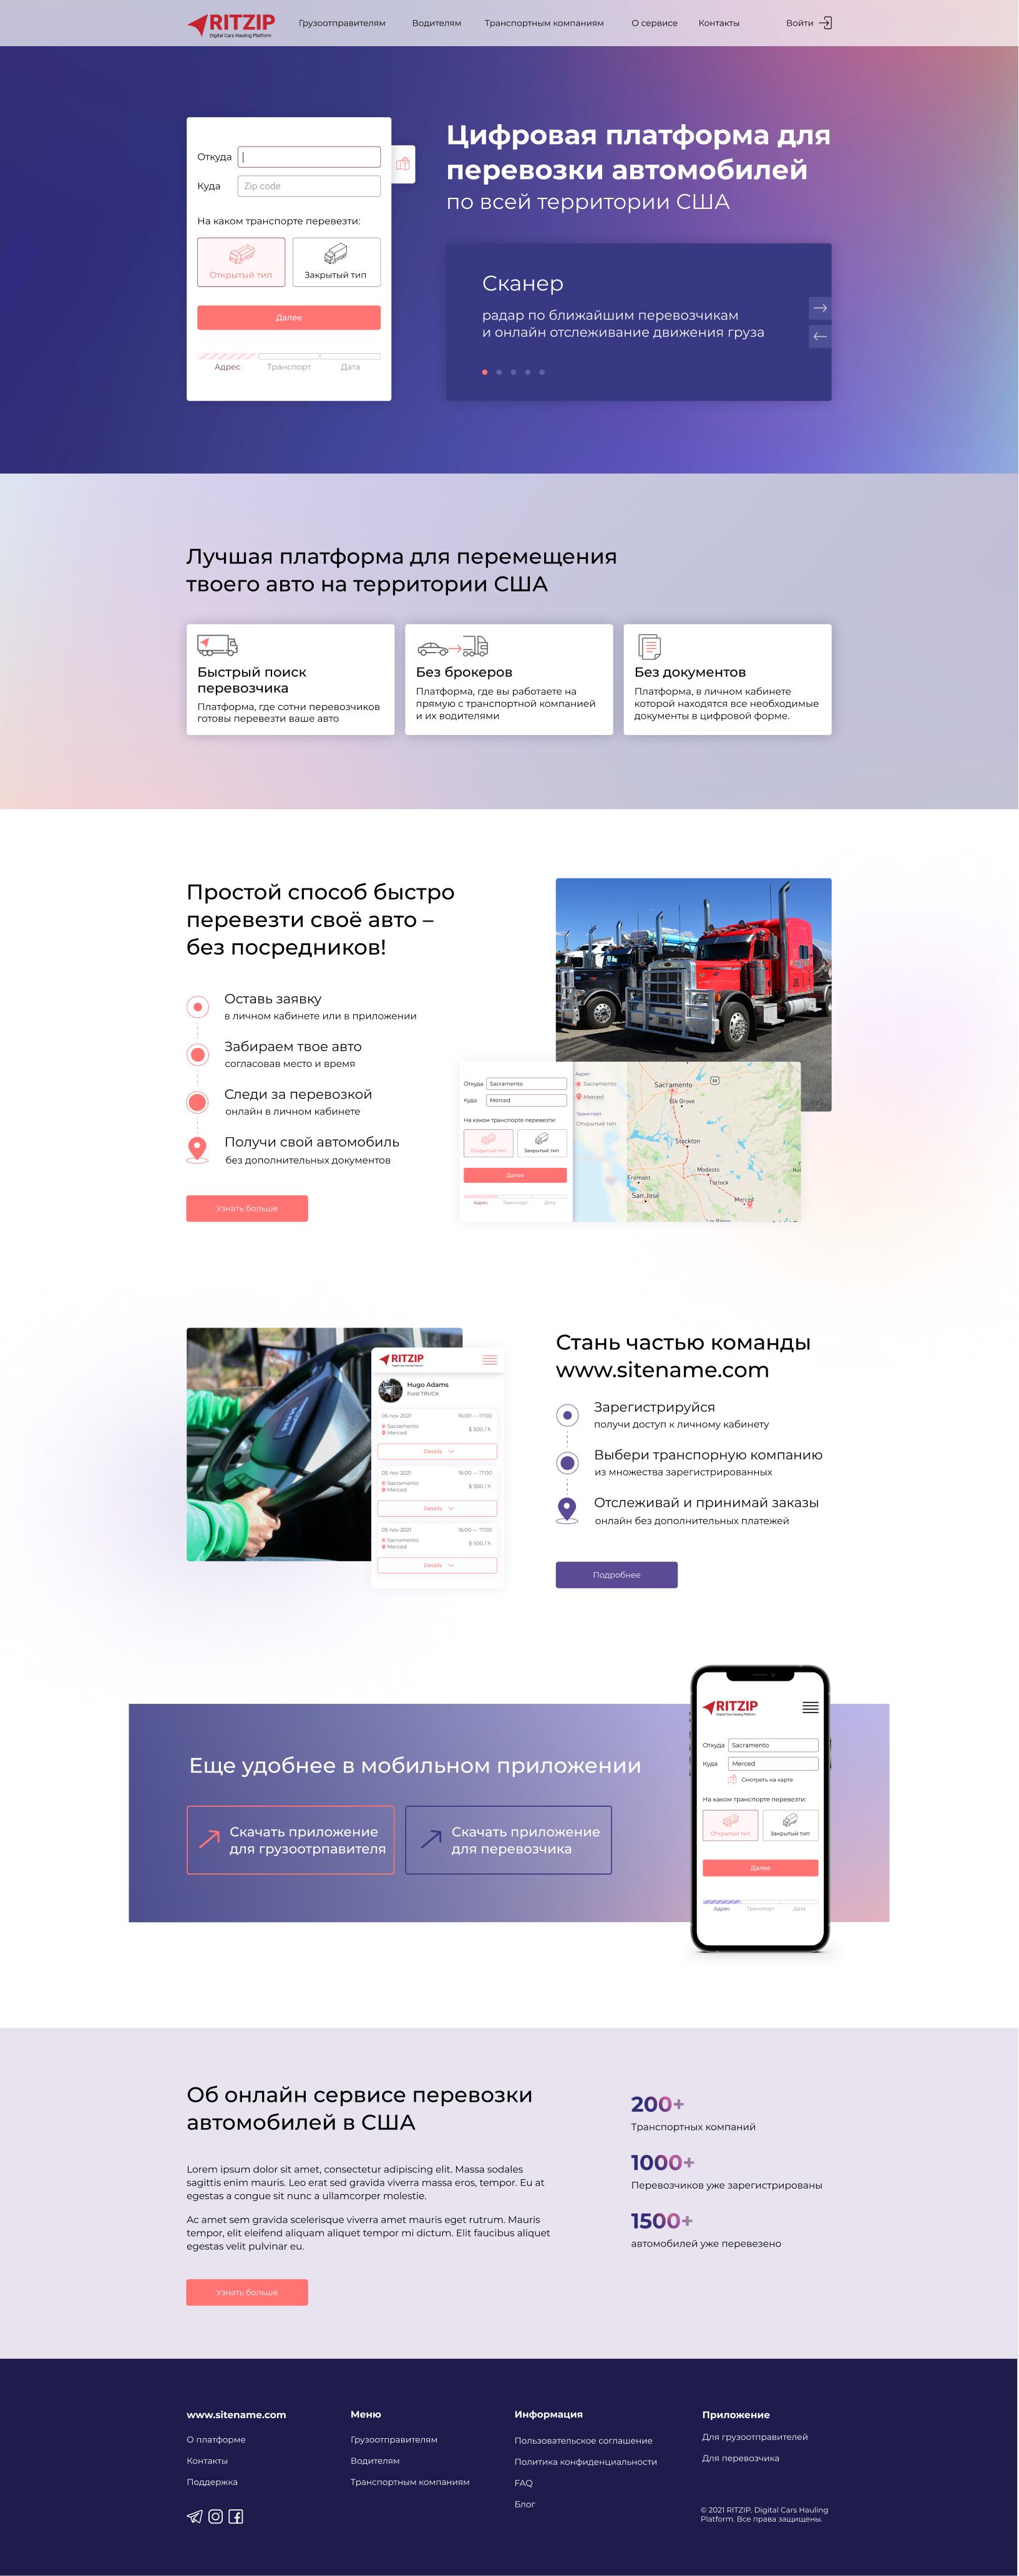 Дизайн сайта - автоперевозка авто в США -car hauling фото f_6696092c526b1a78.jpg